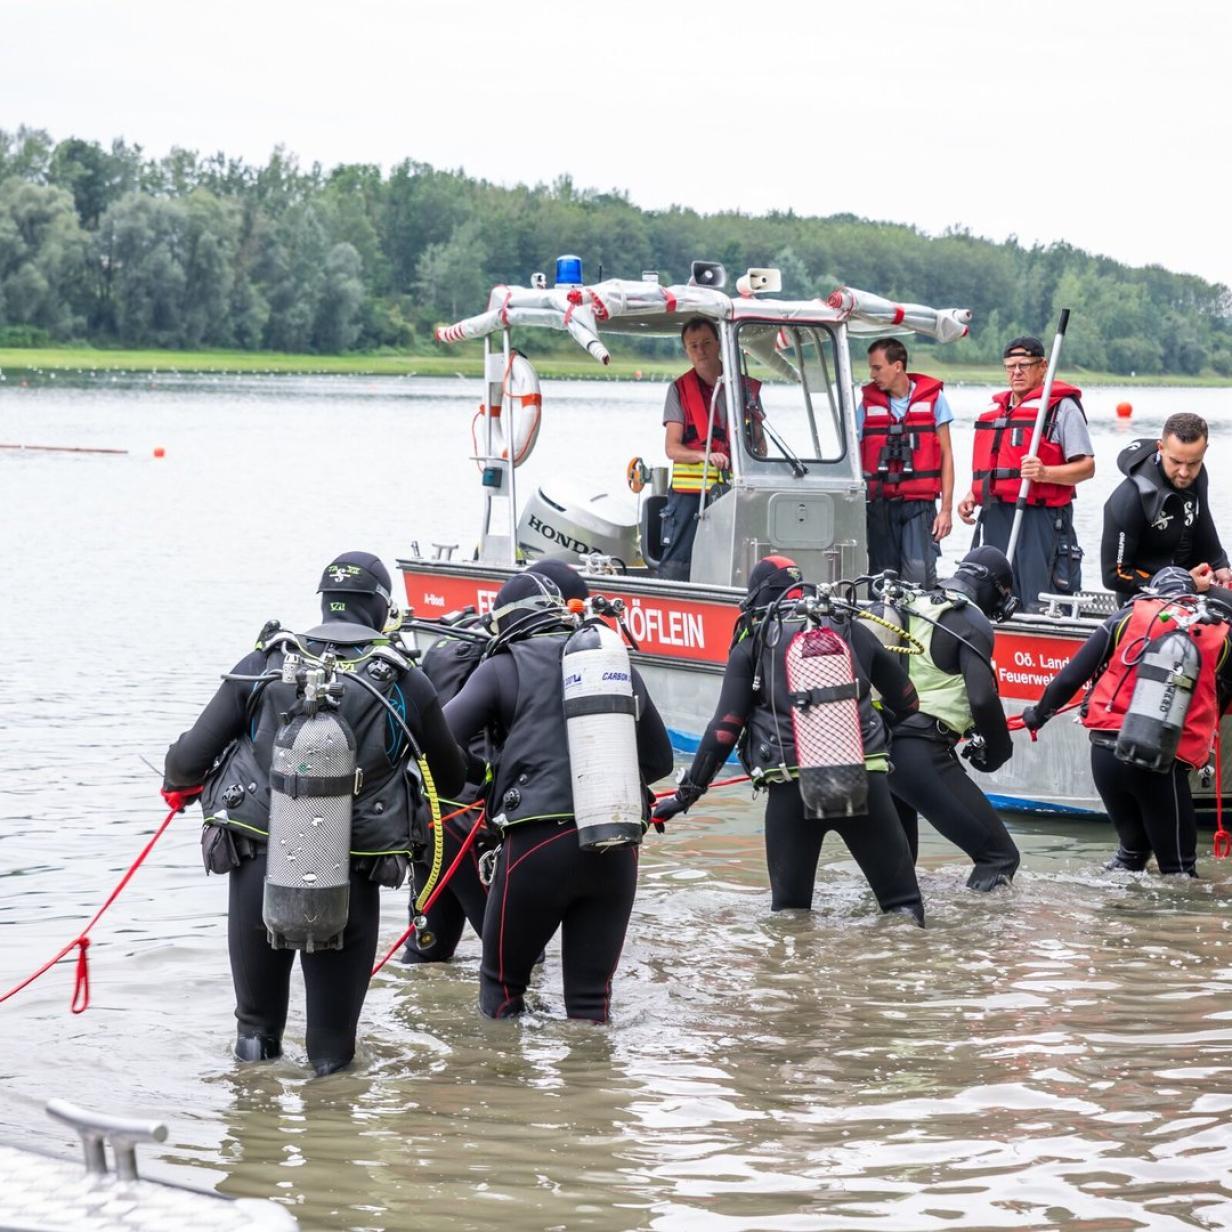 Ruder WM: Defekte Bootstabilisierung als Grund für tödlichen Unfall